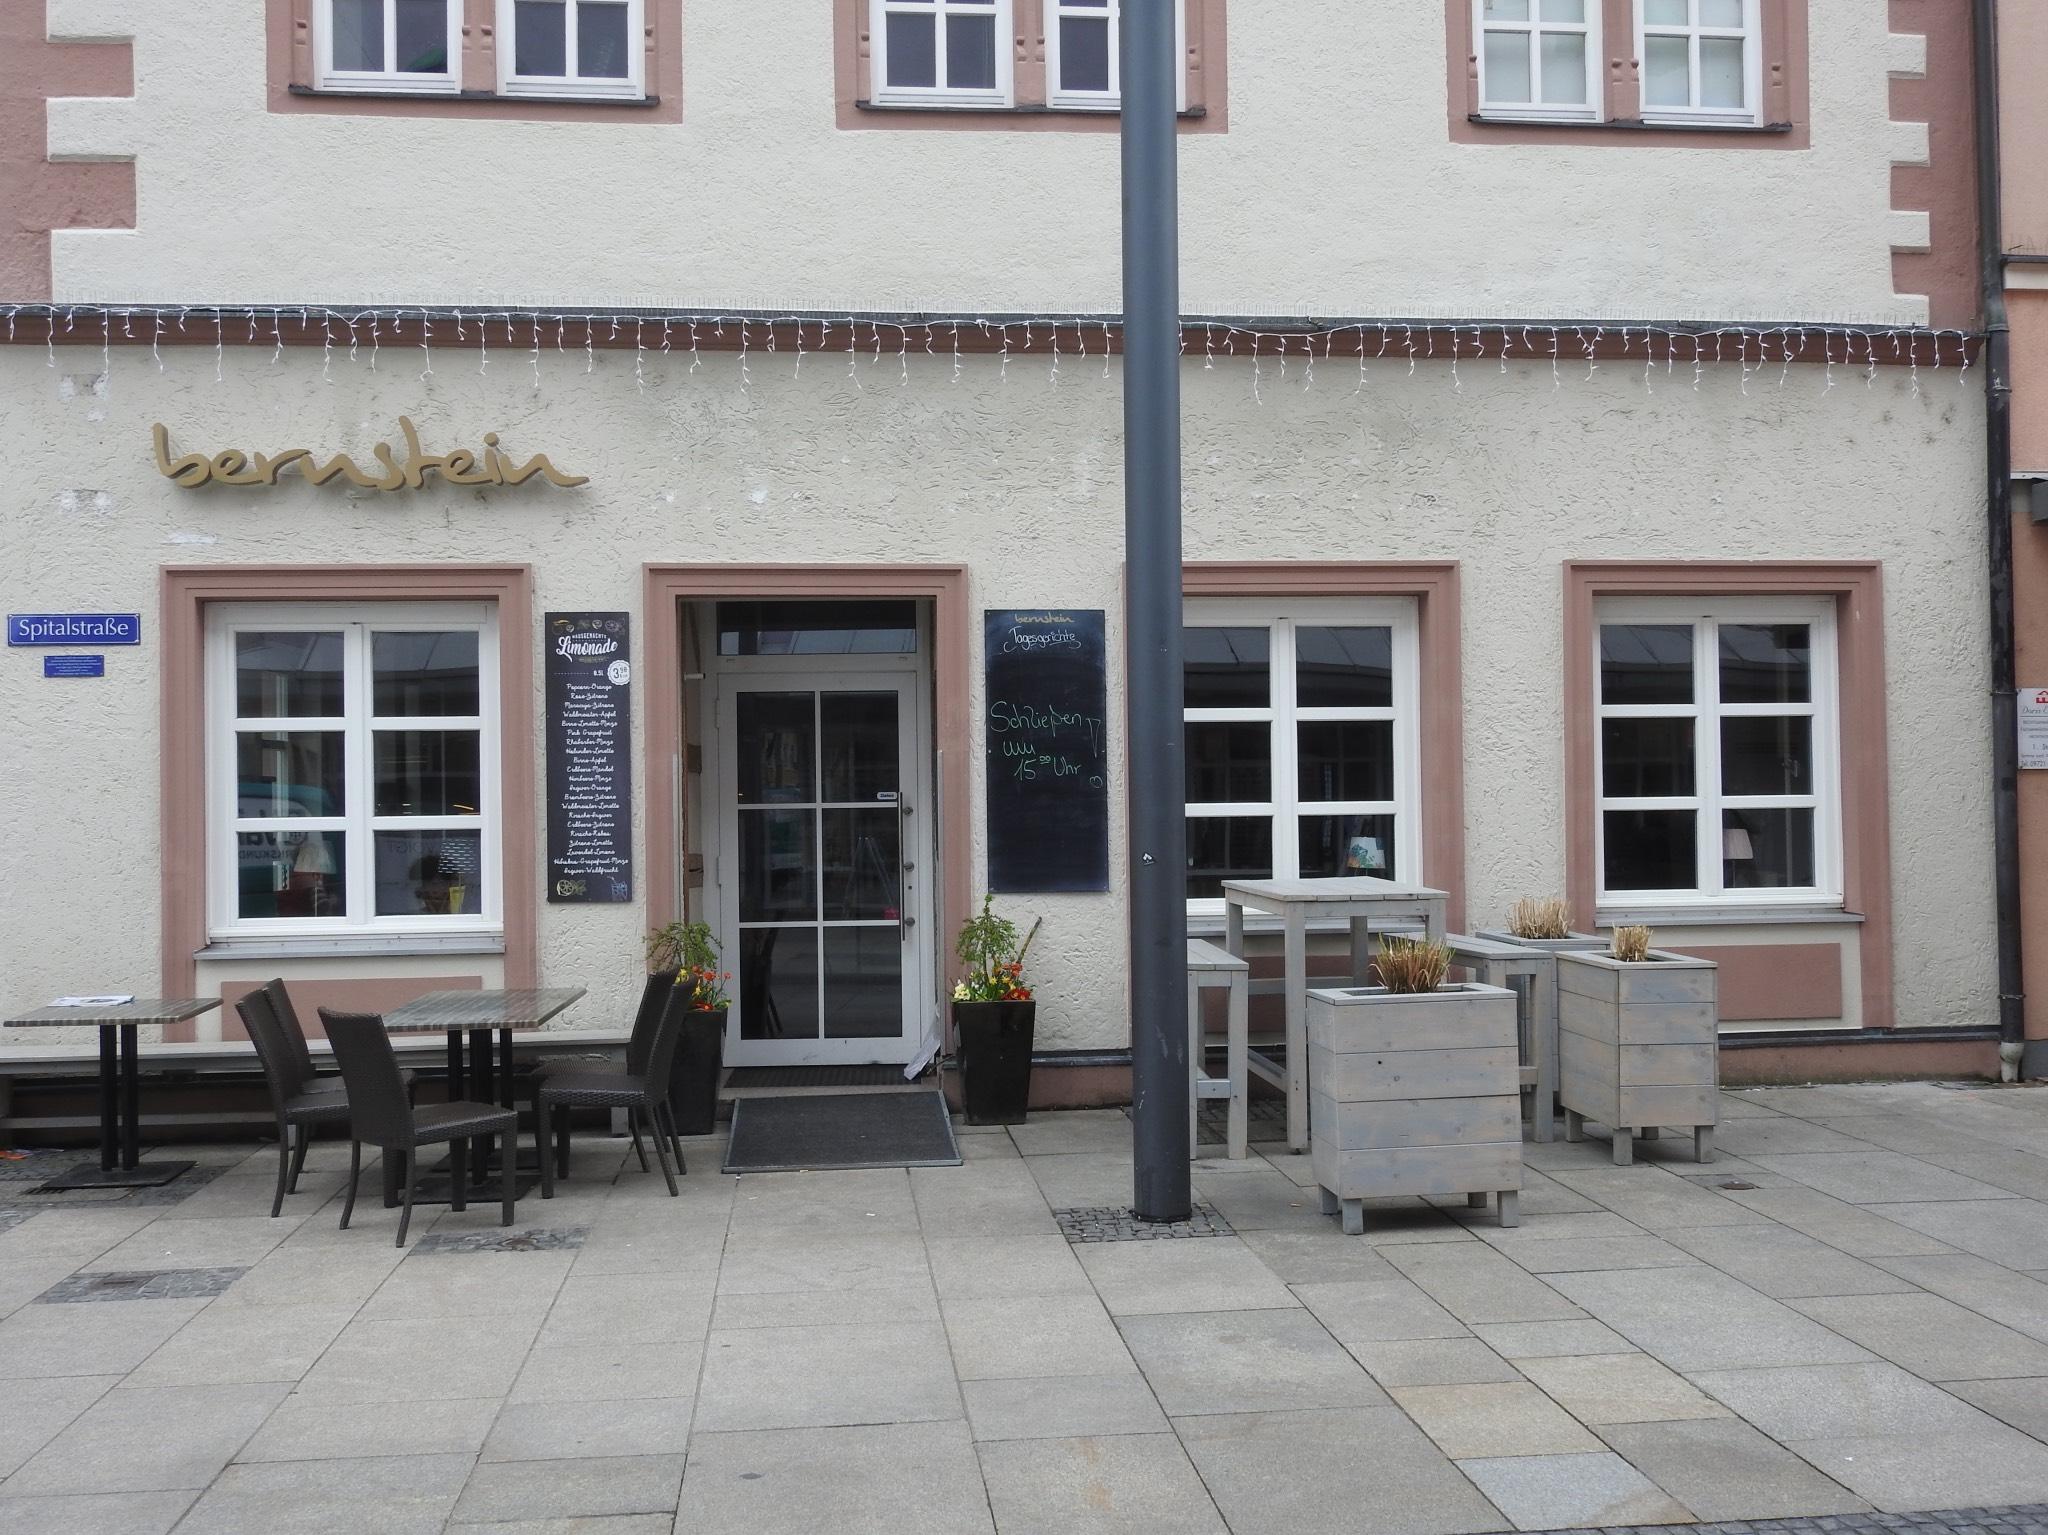 Ehemaliges Café Bernstein in der Spitalstraße. Foto: Dirk Flieger